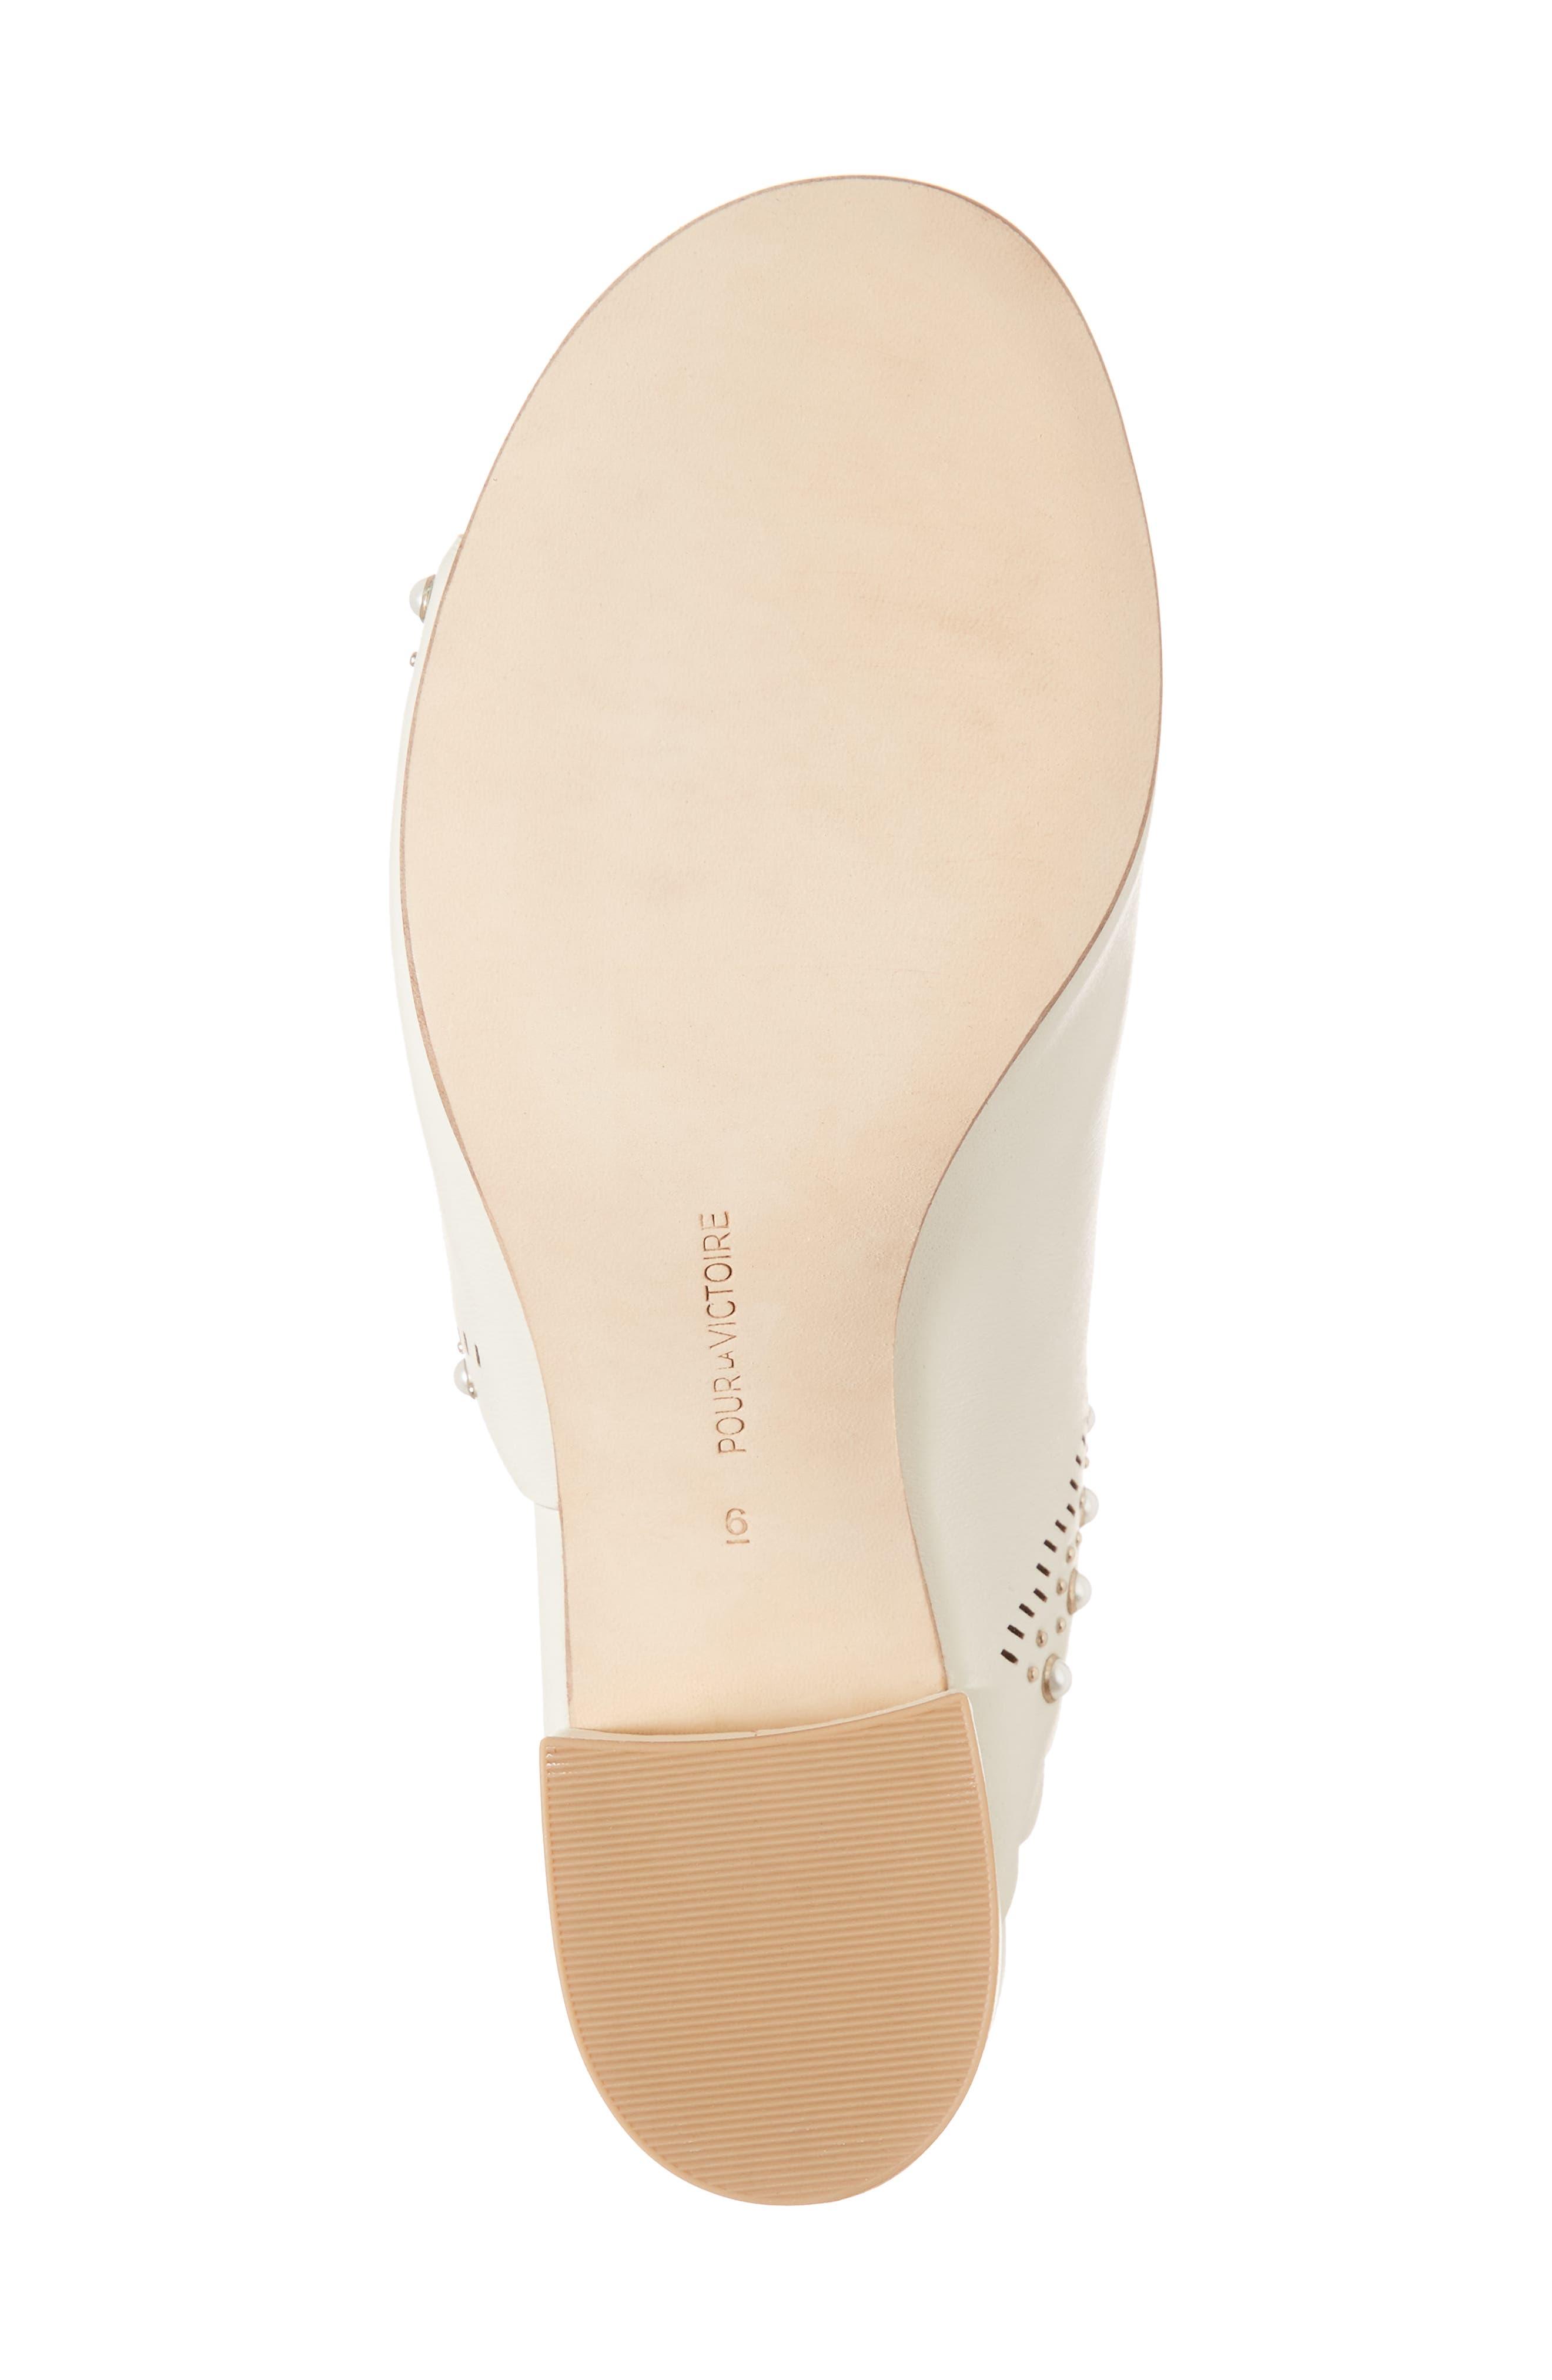 Amela Embellished Slide Sandal,                             Alternate thumbnail 6, color,                             Bone Leather